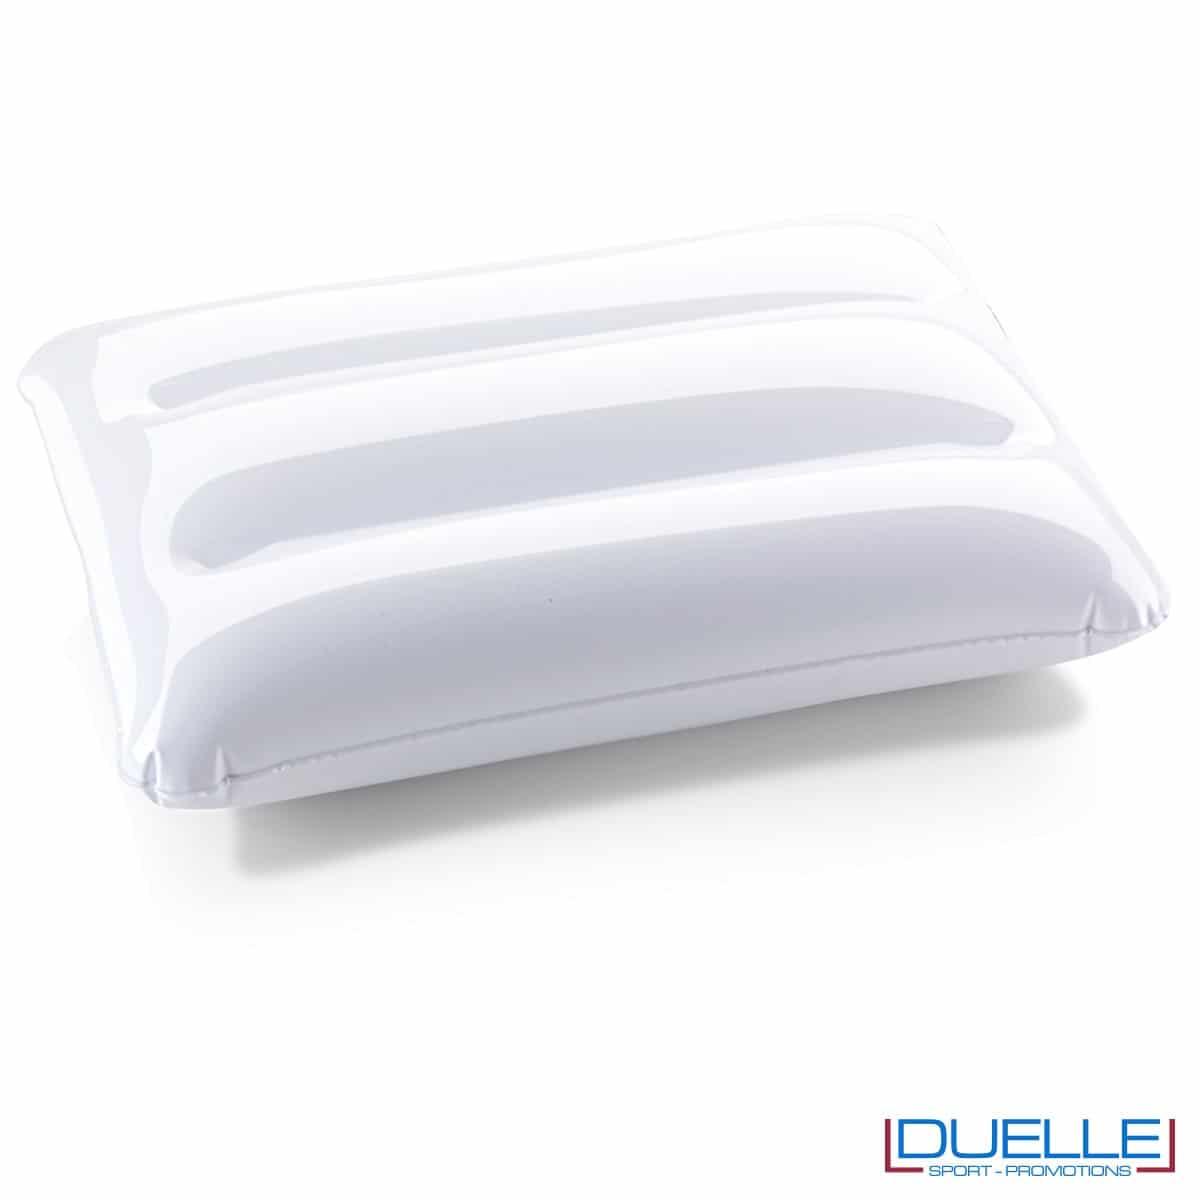 cuscino gonfiabile personalizzato in colore bianco, cuscinetto gonfiabile, gadget mare personalizzati